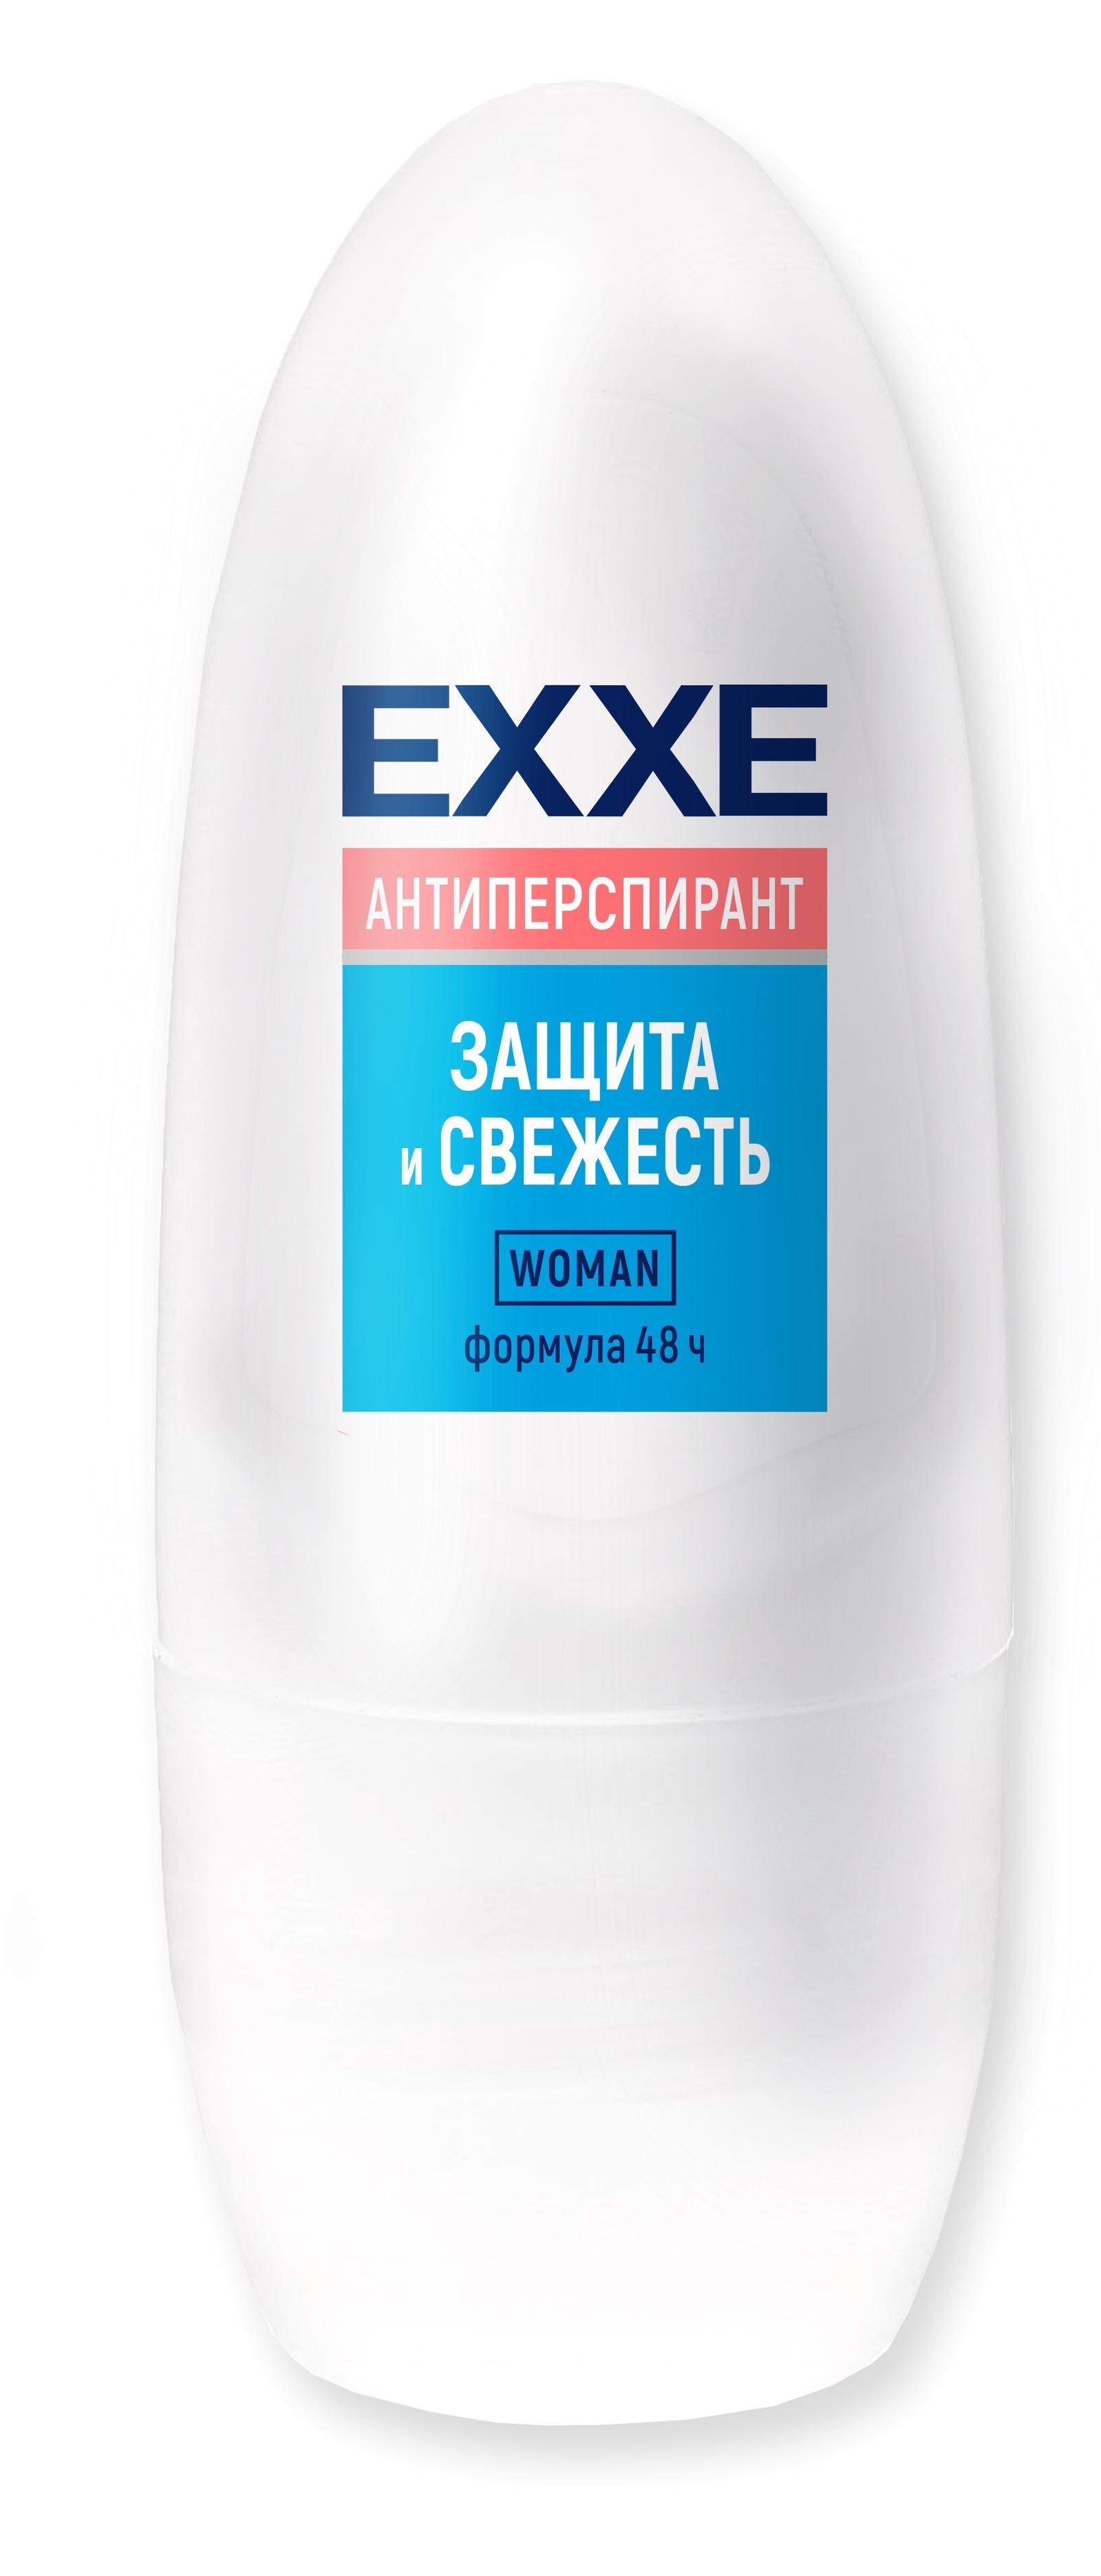 Женский антиперспирант EXXE Защита и свежесть 50 мл (роликовый) EXXE